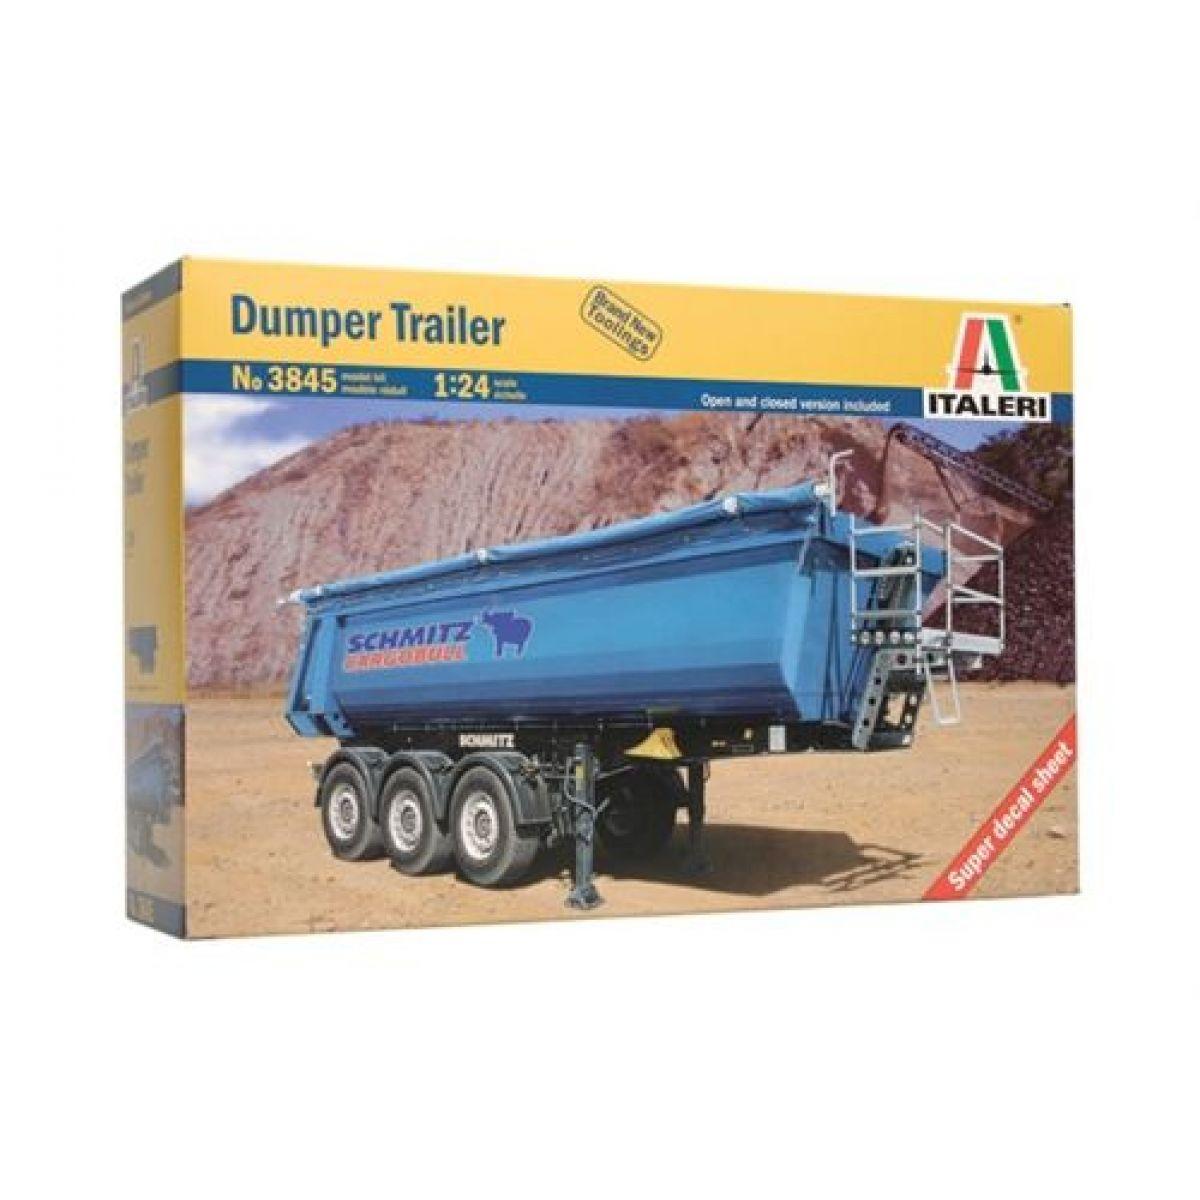 Italeri Model Kit náves 3845 Dumper Trailer 1:24